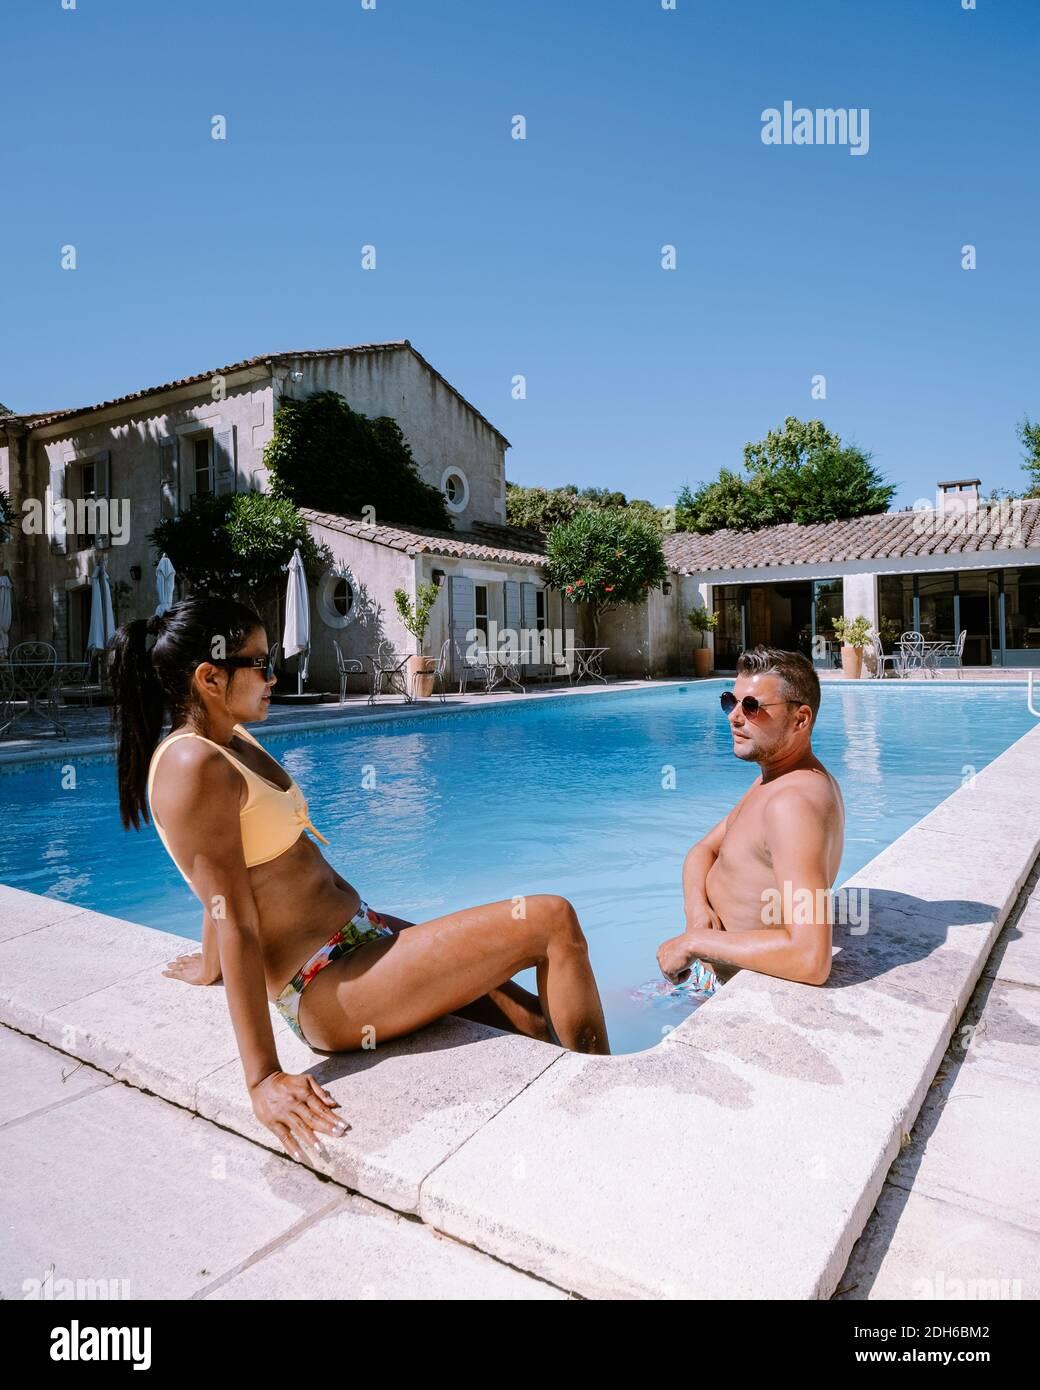 Couple de détente au bord de la piscine en Provence France, hommes et femmes de détente au bord de la piscine dans un complexe de luxe Banque D'Images